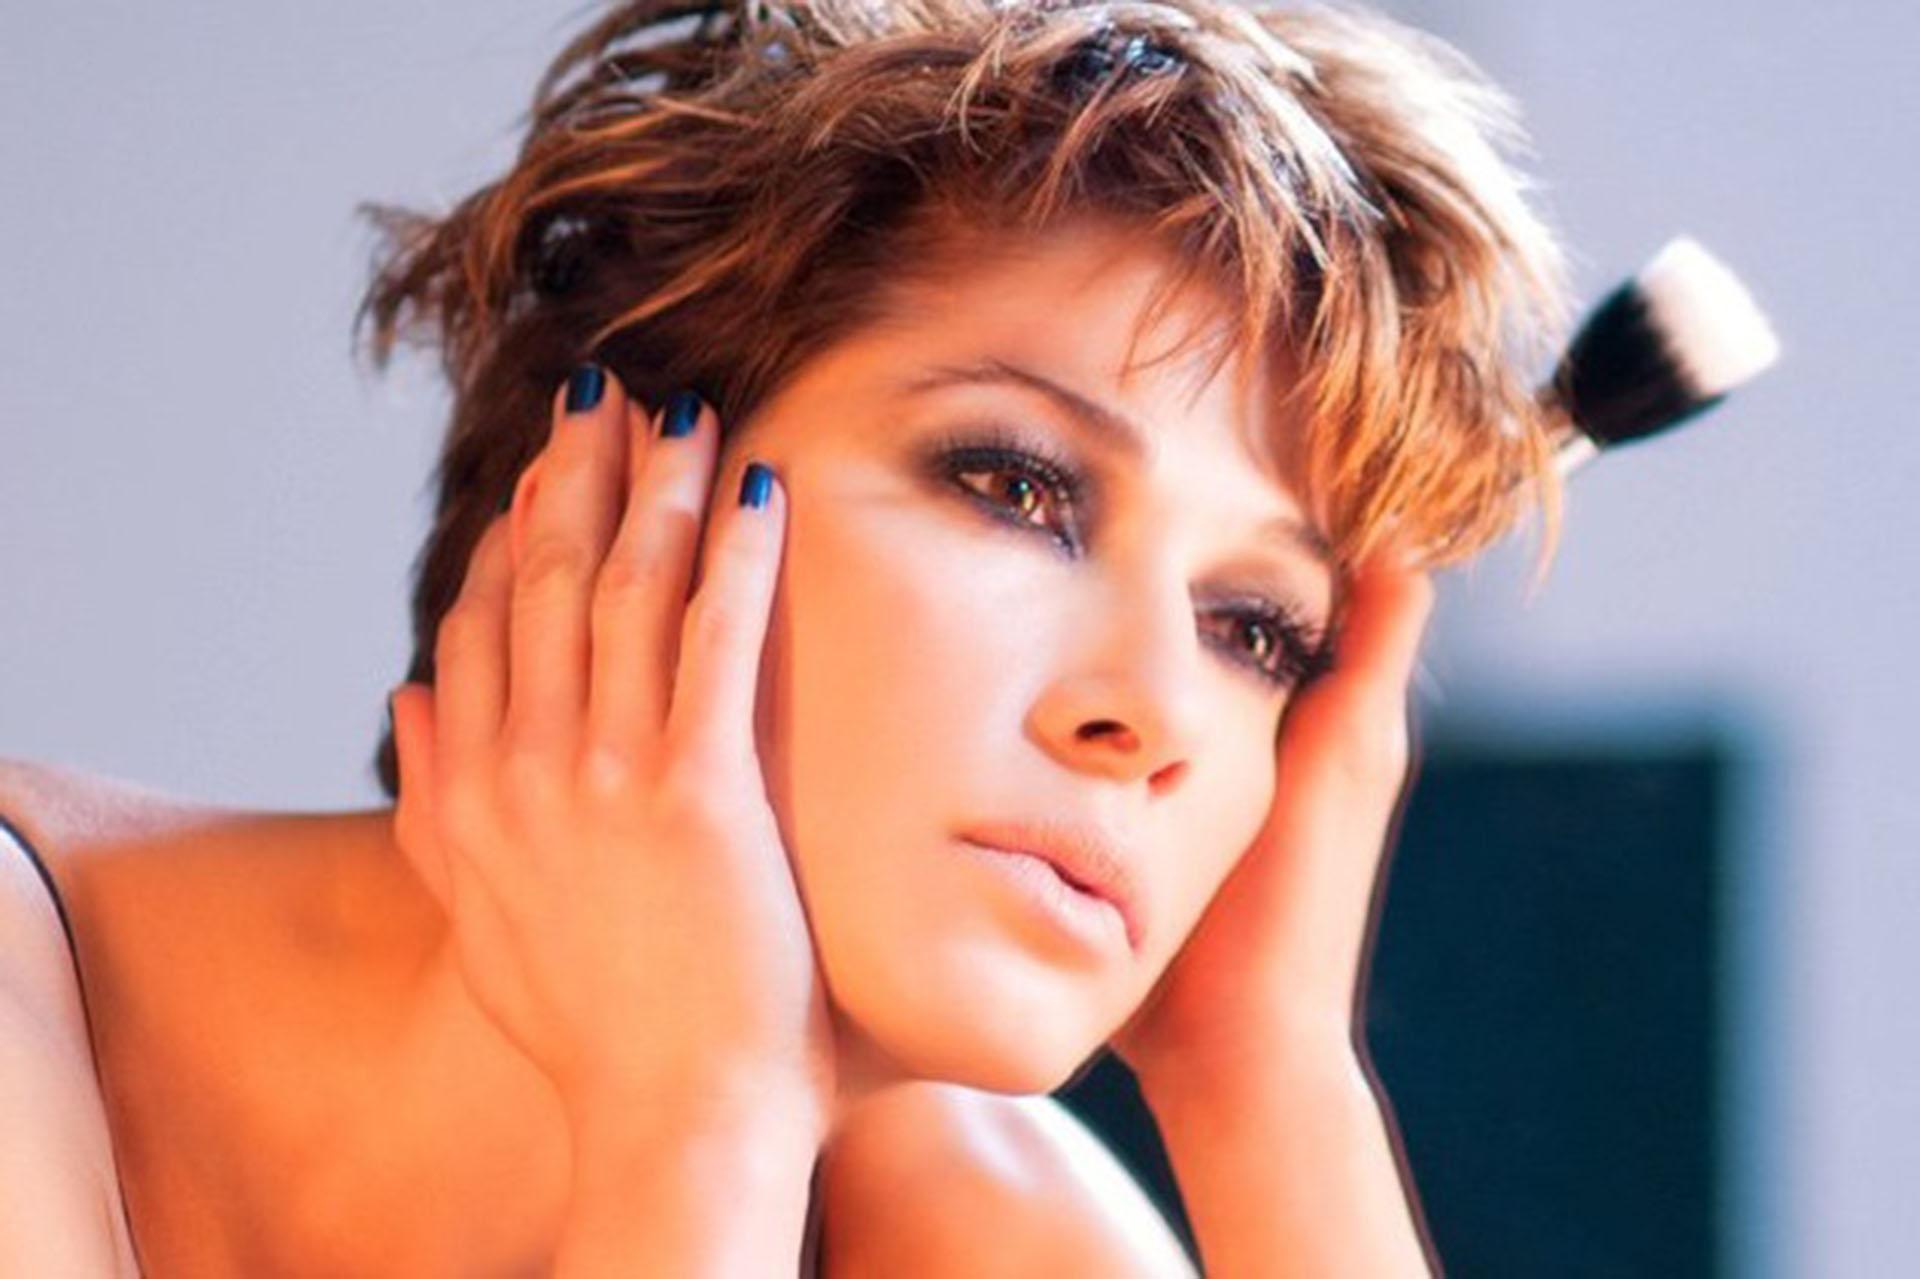 Fue jurado del programa Talento argentino y conductora del programa ¿Quién quiere casarse con mi hijo? en Telefe